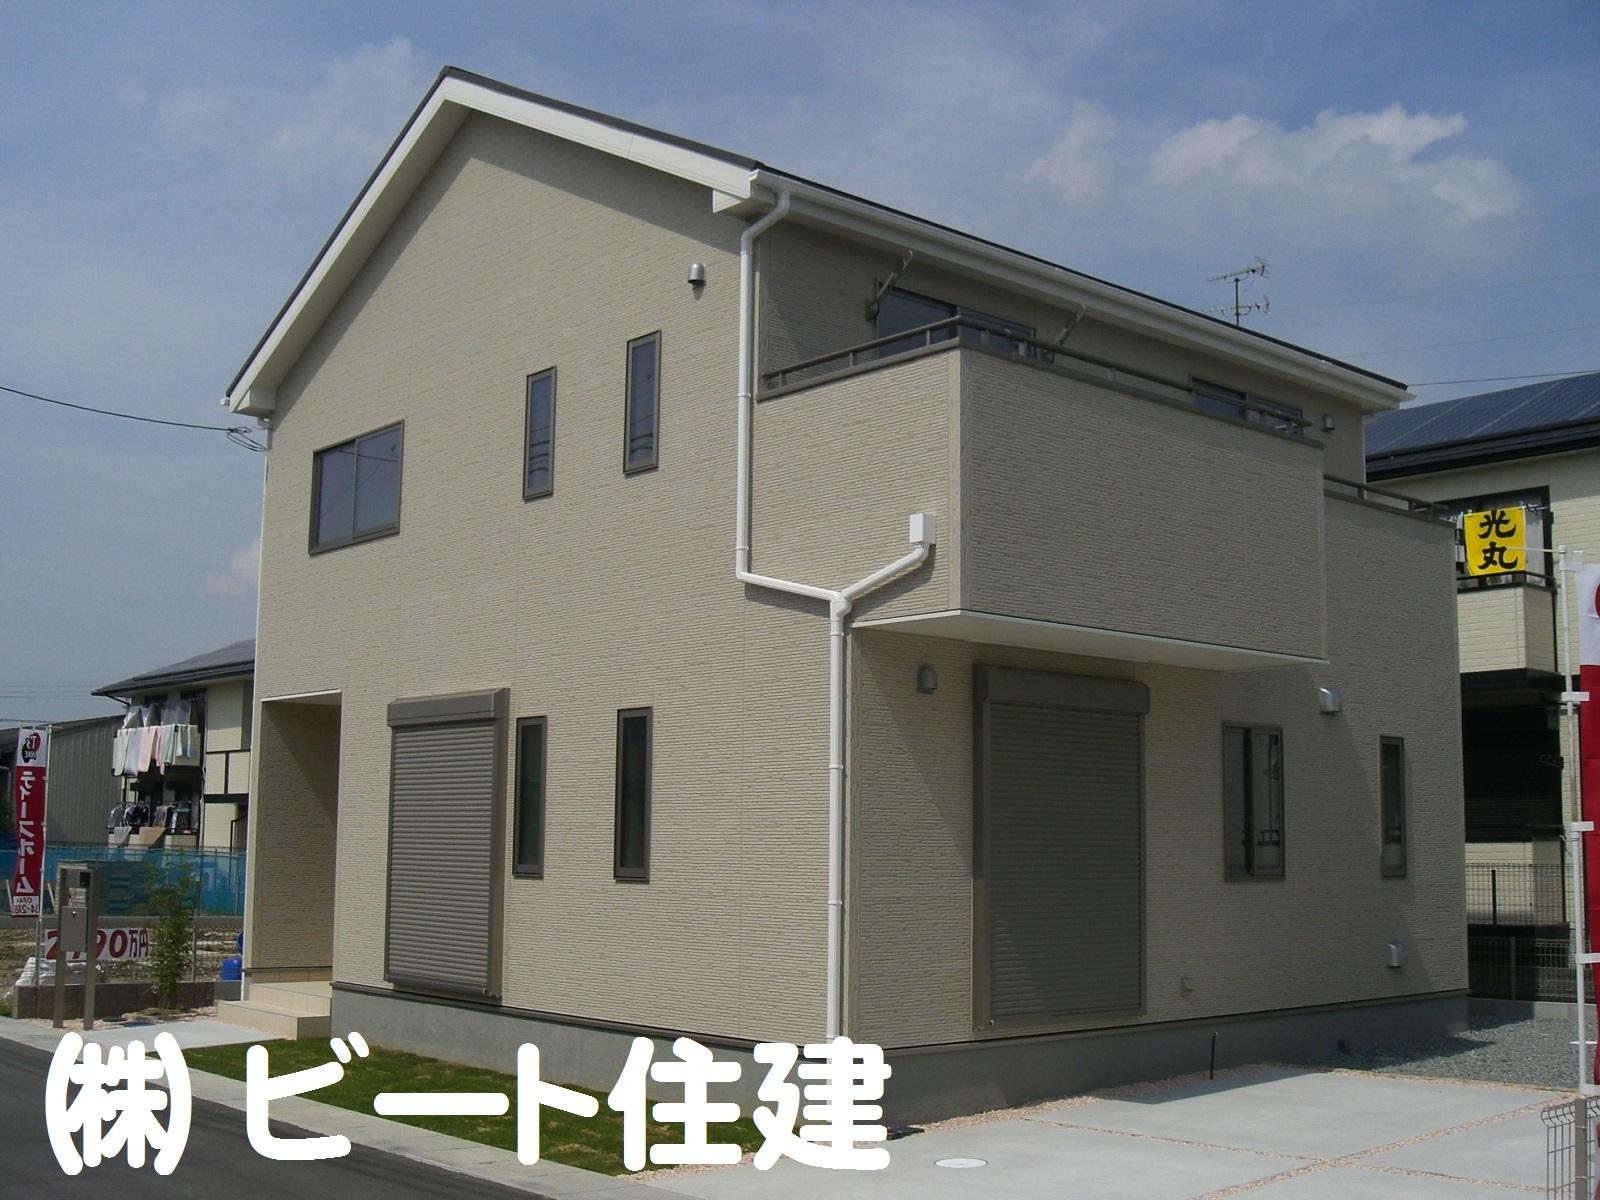 新築 ご購入で、仲介手数料 最大無料です!